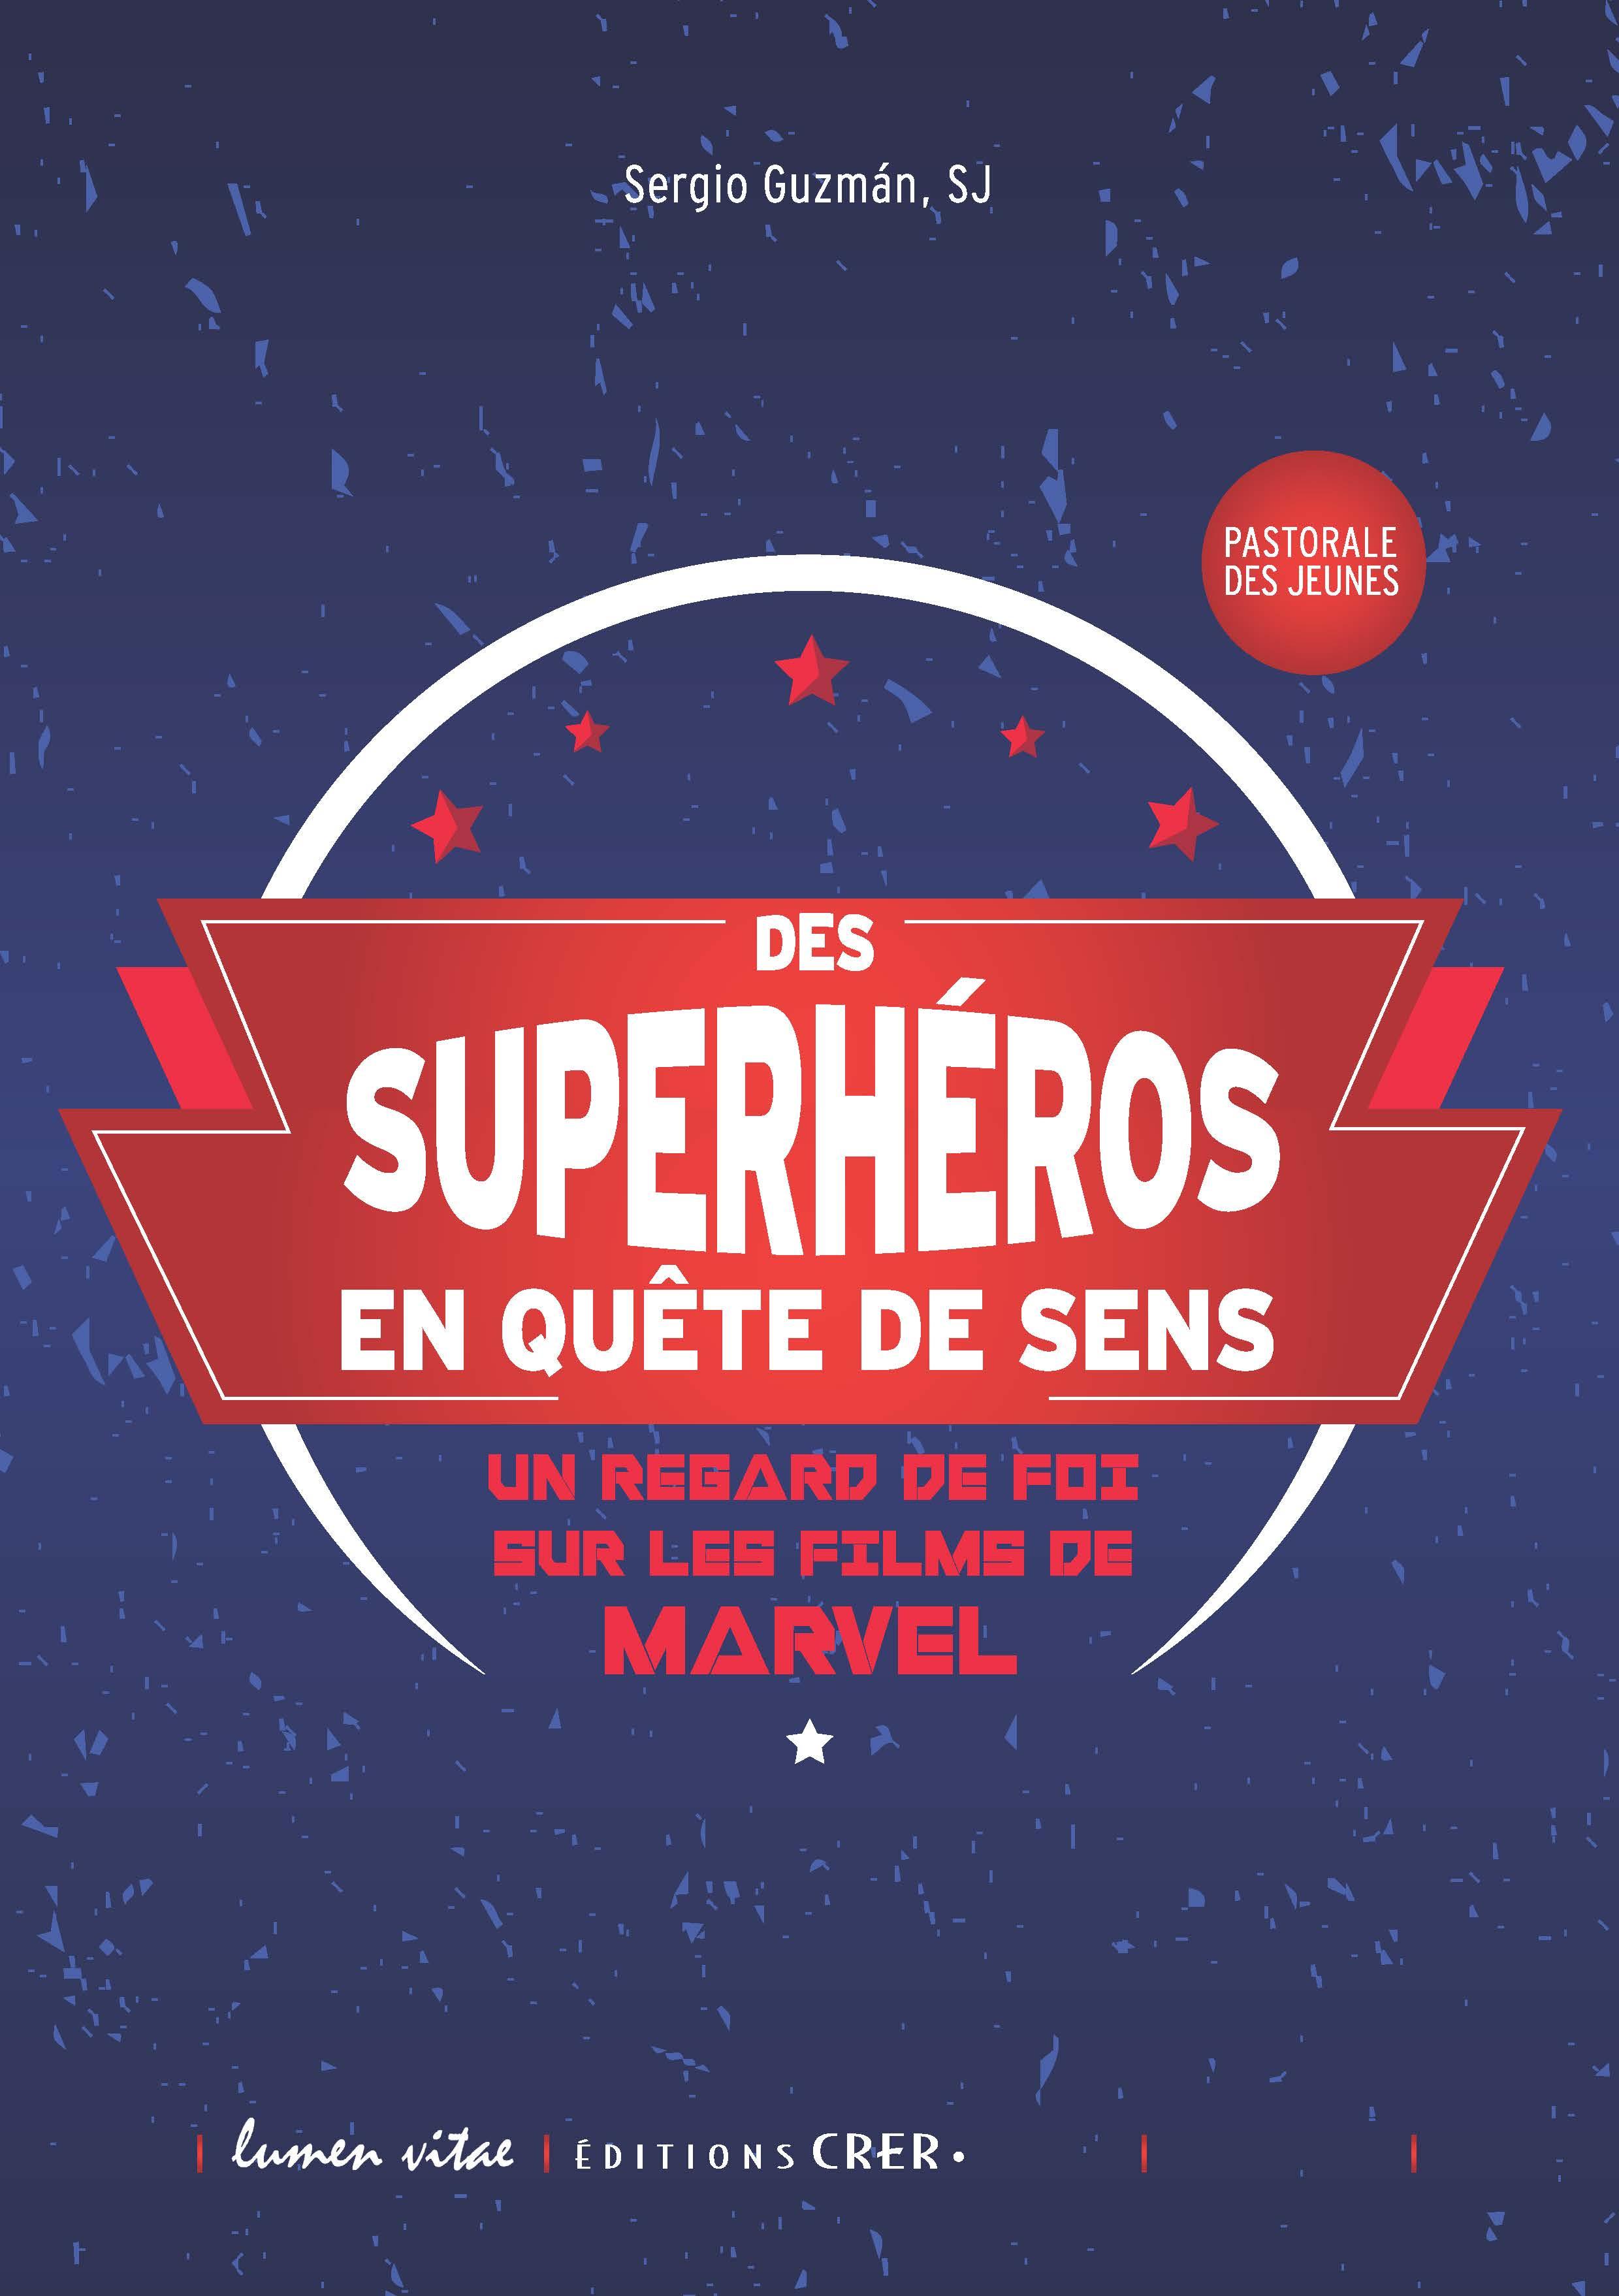 Des superheros en quete de sens